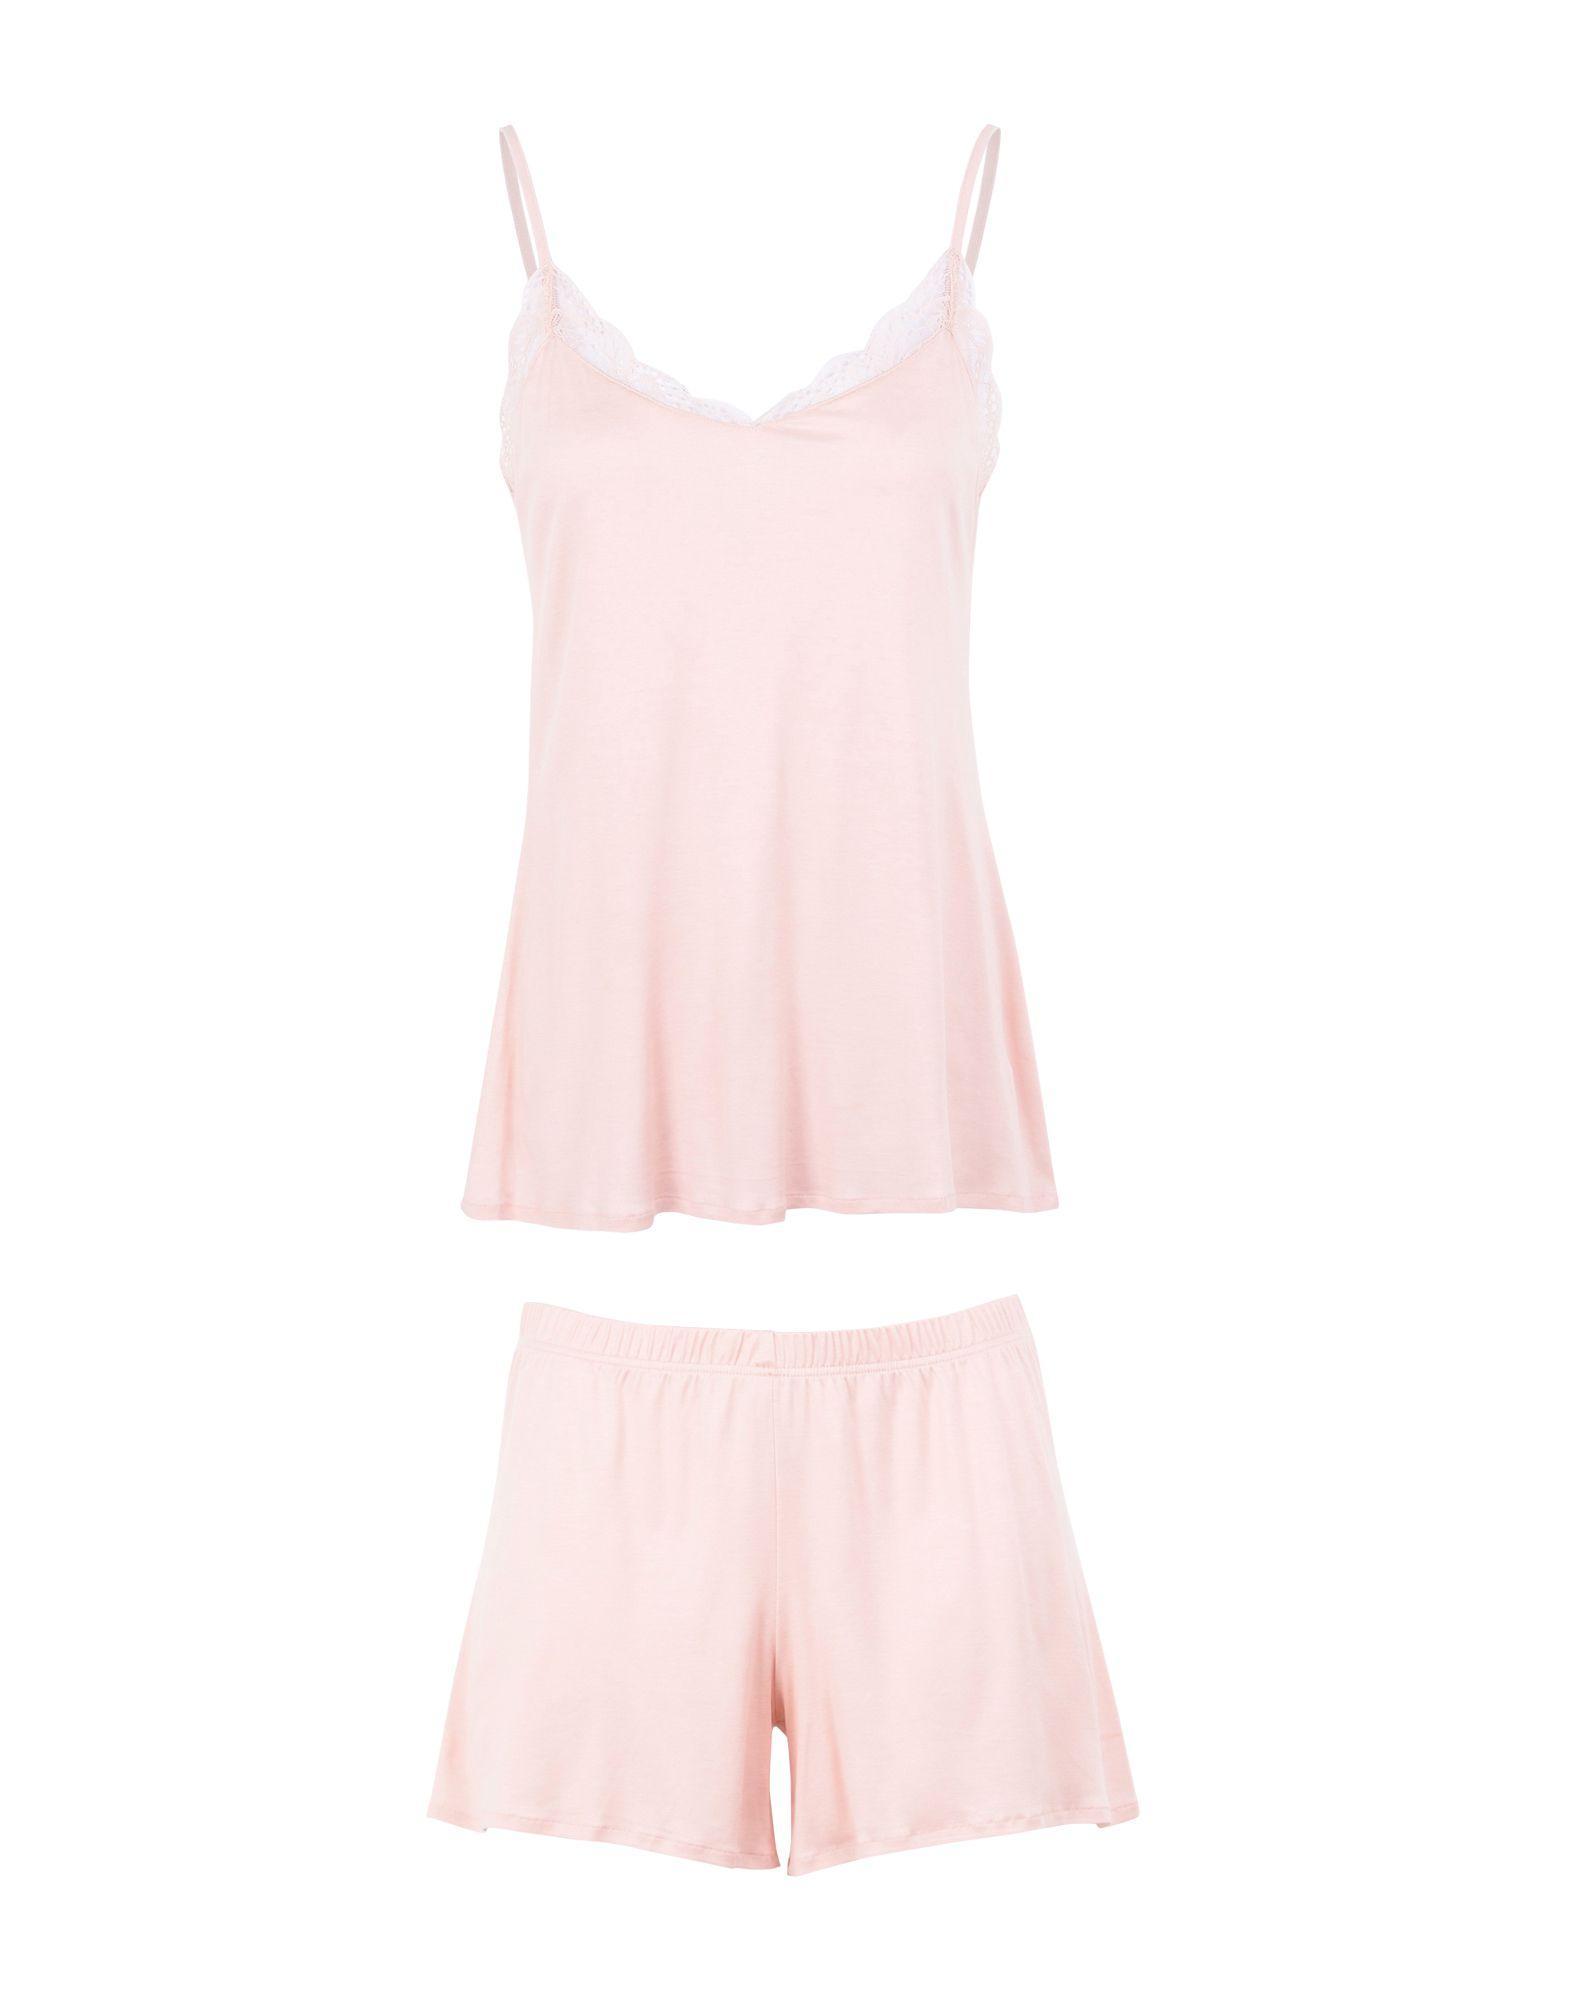 Hanro Sleepwear In Light Pink